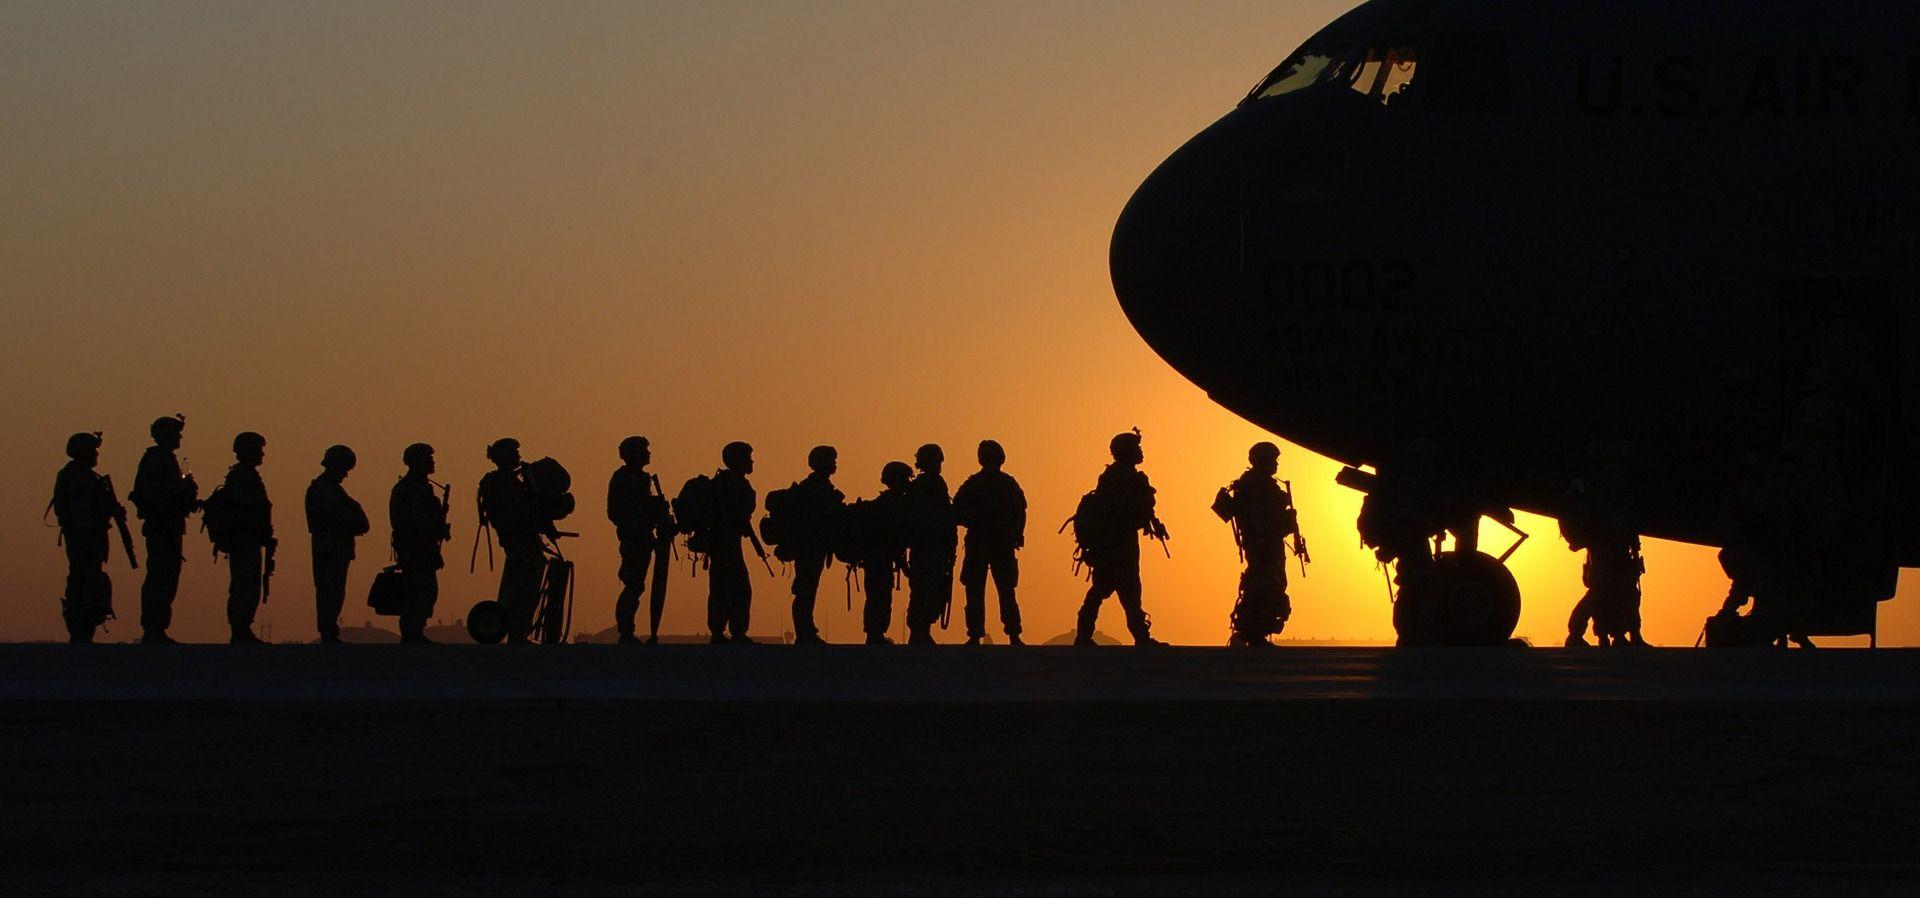 SAVJETOVANJE I POMOĆ POBUNJENICIMA Amerikanci šalju specijalce u Siriju